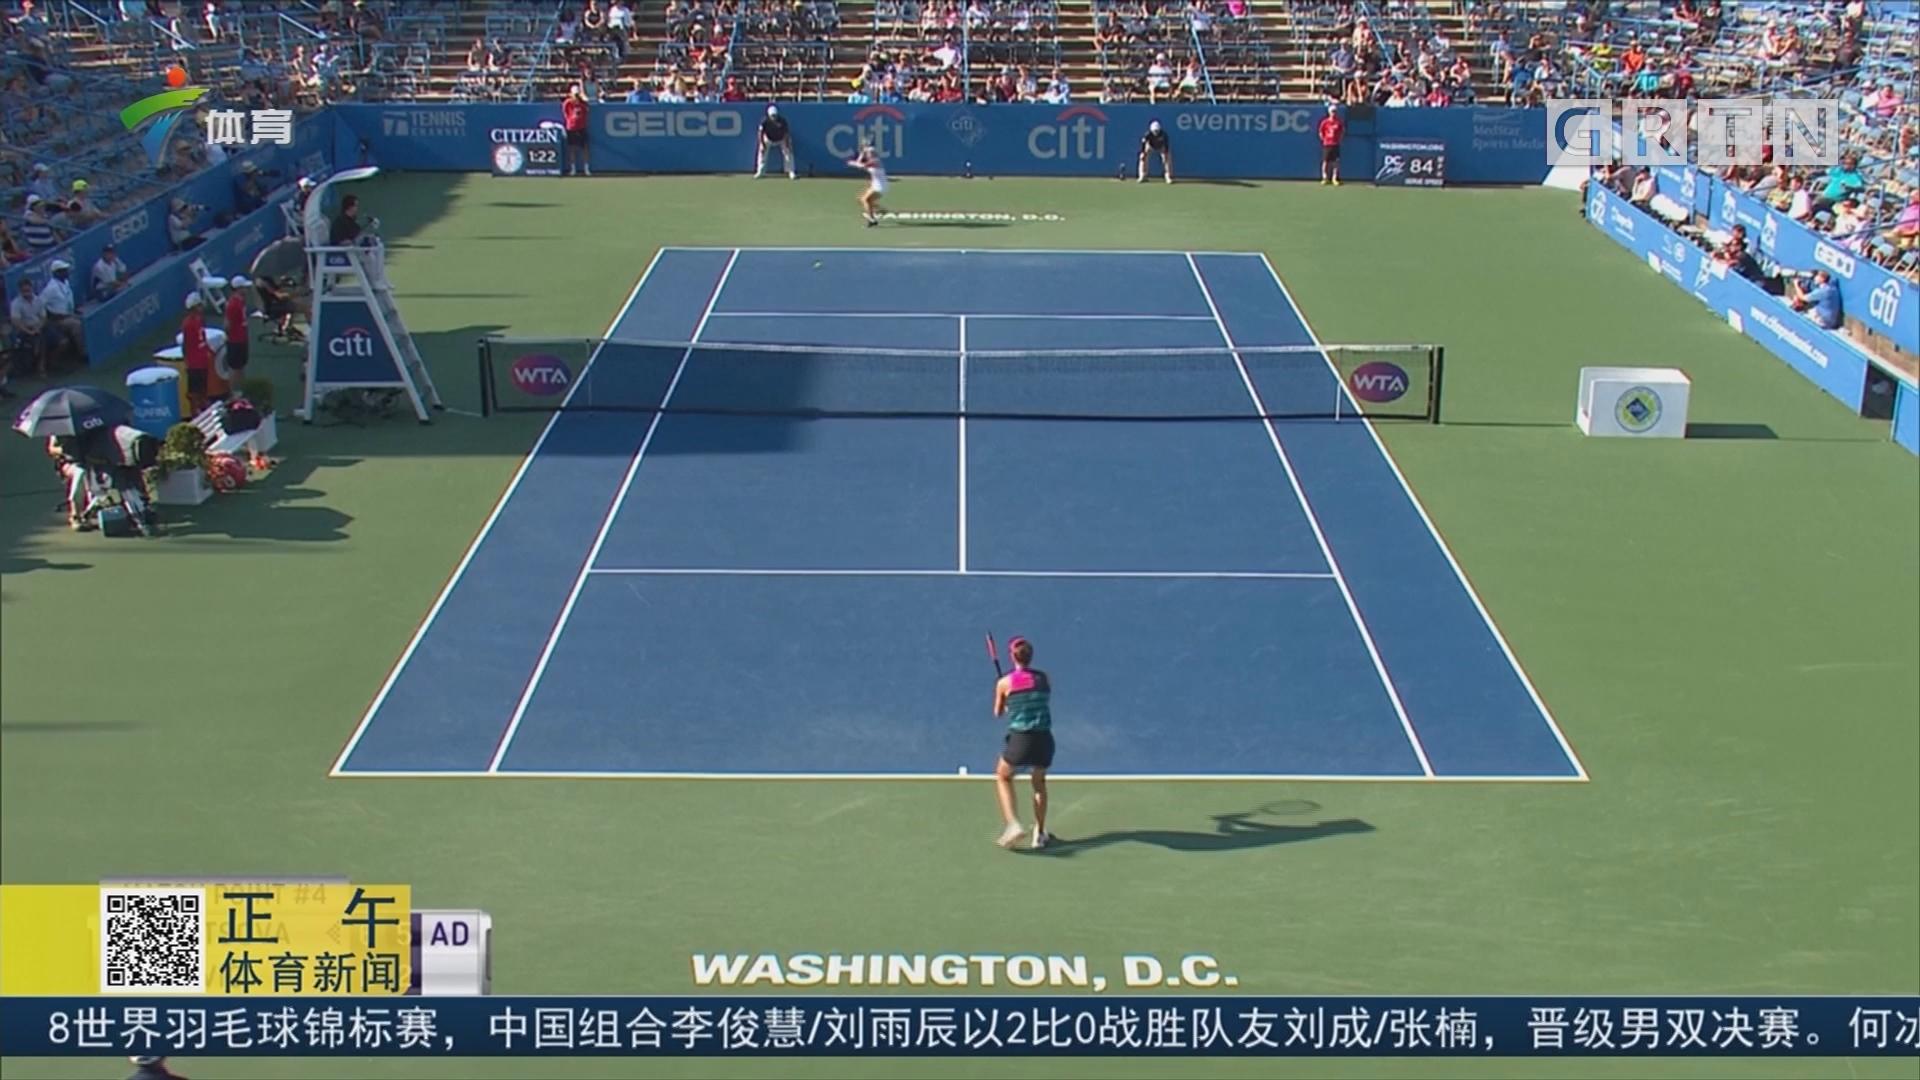 WTA华盛顿网球公开赛 库娃轻取对手晋级决赛